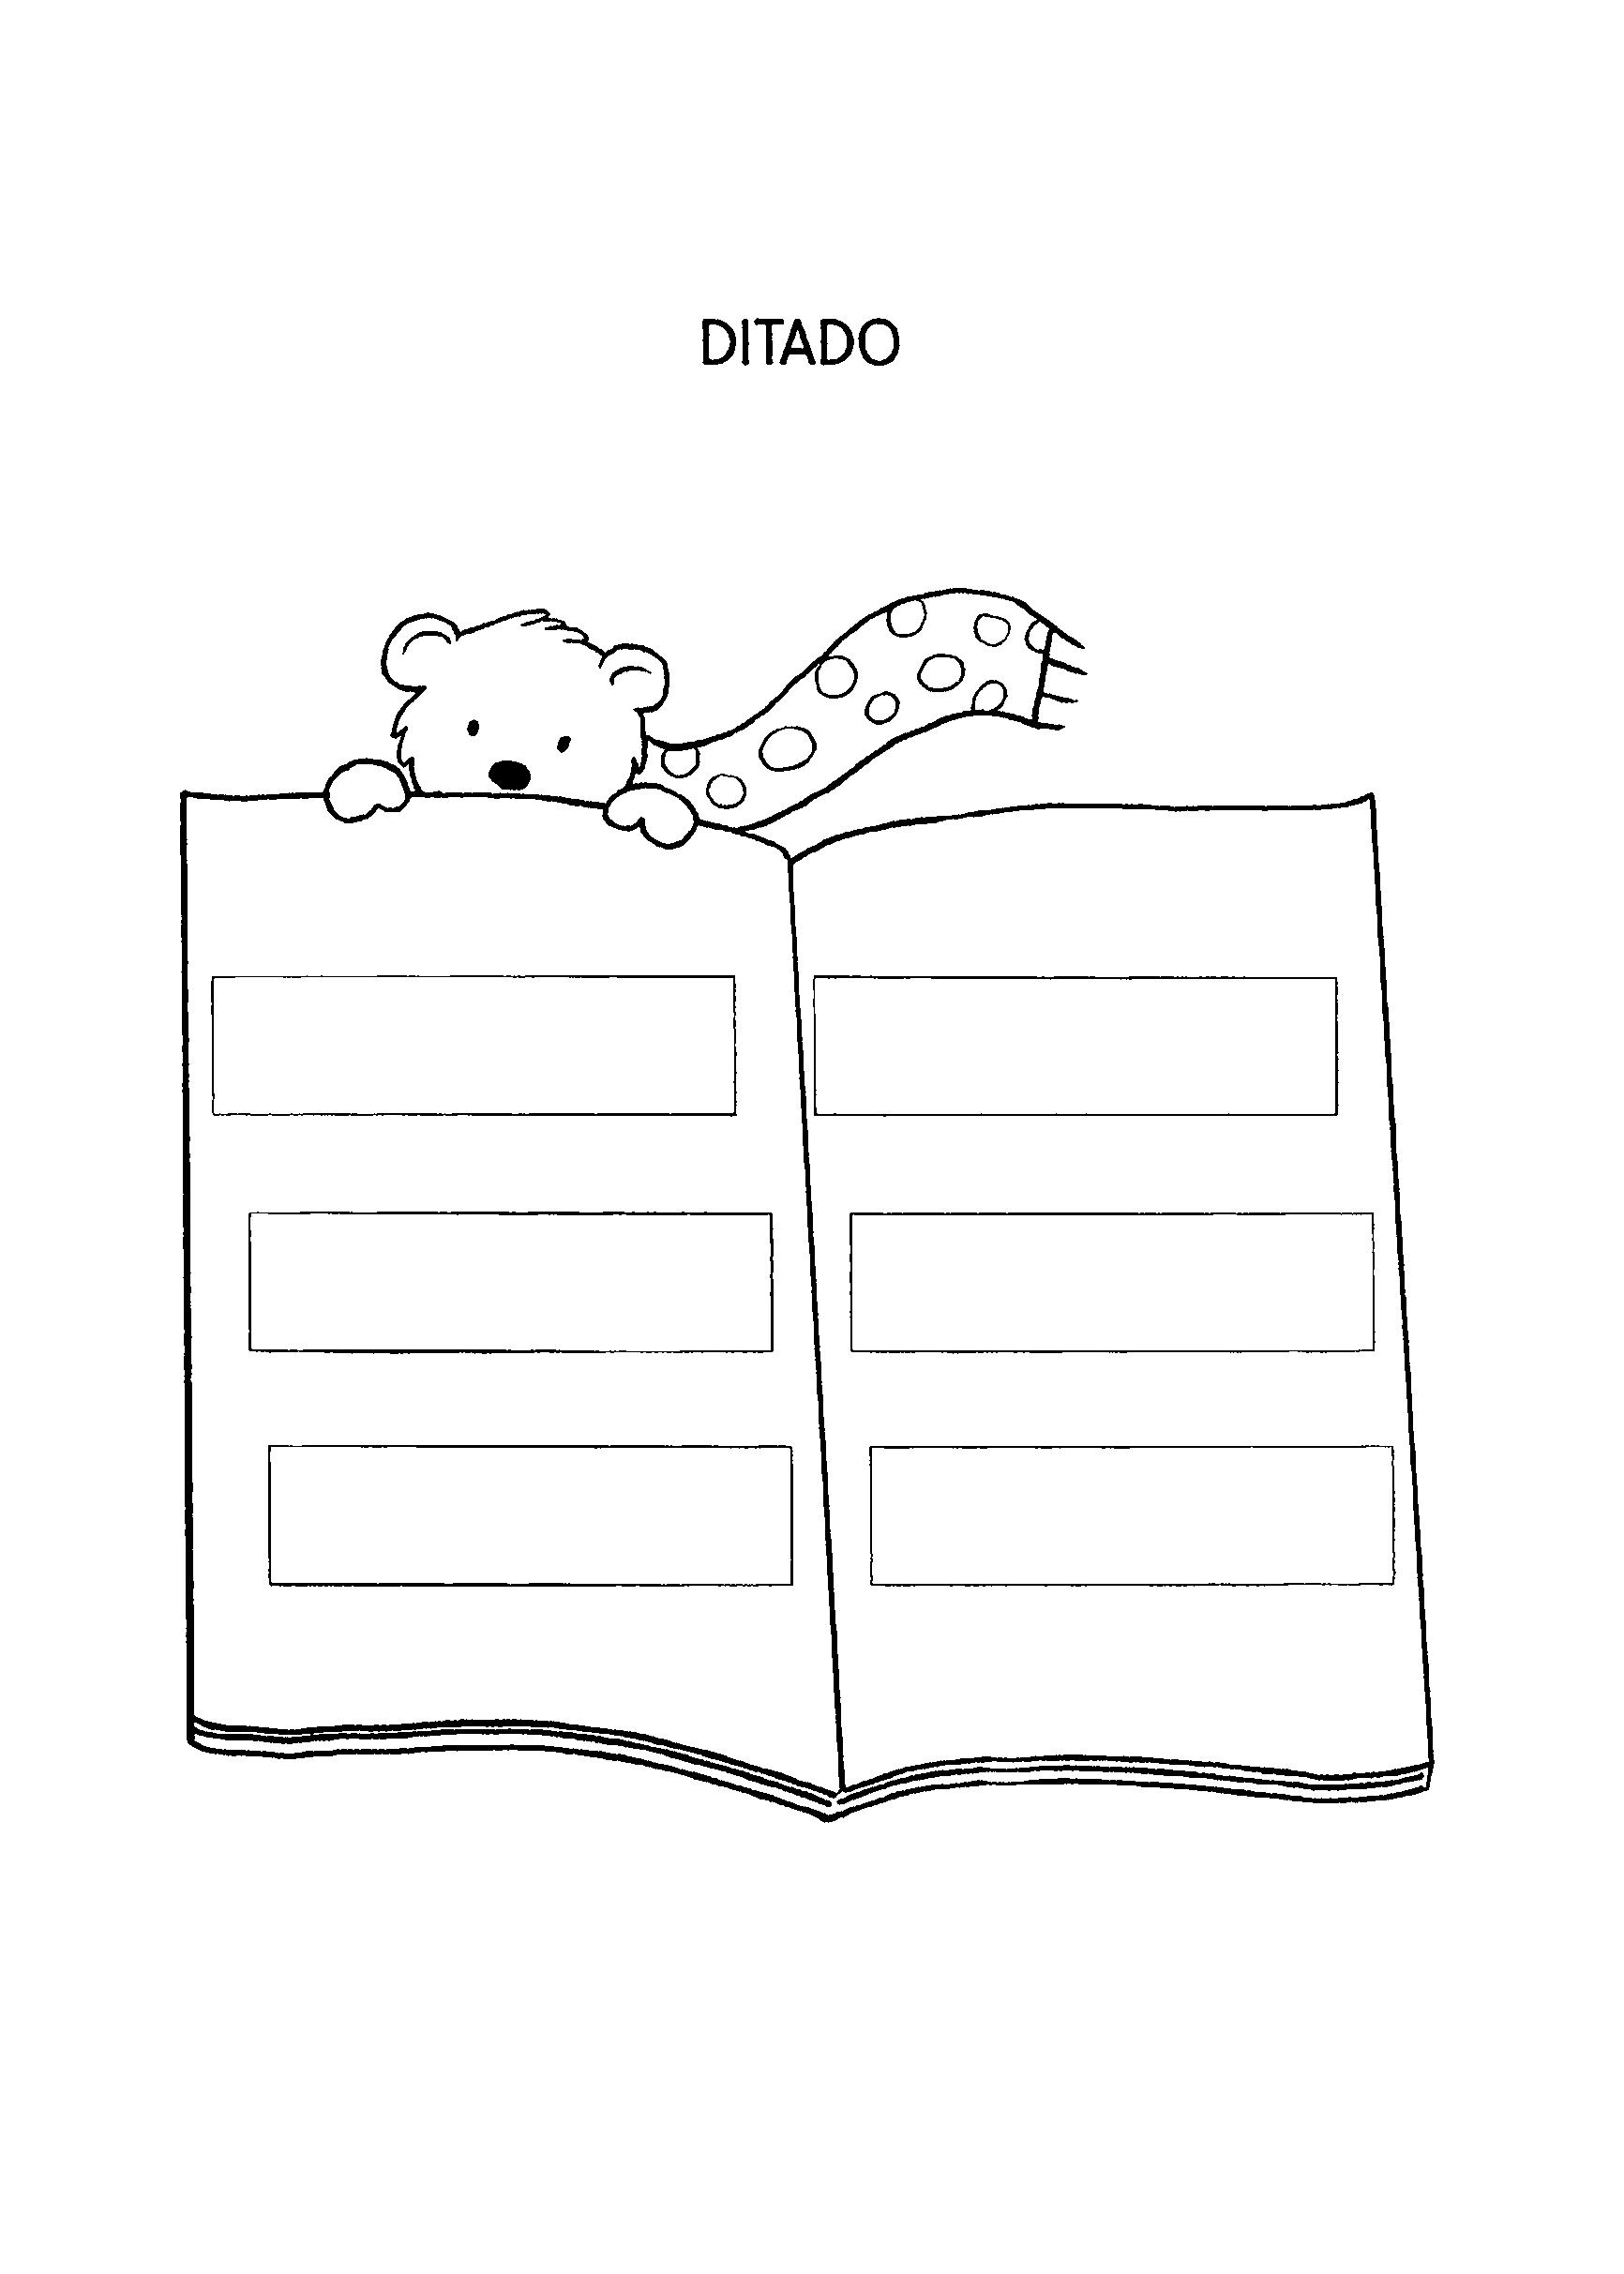 0200-ditado-folhas-urso